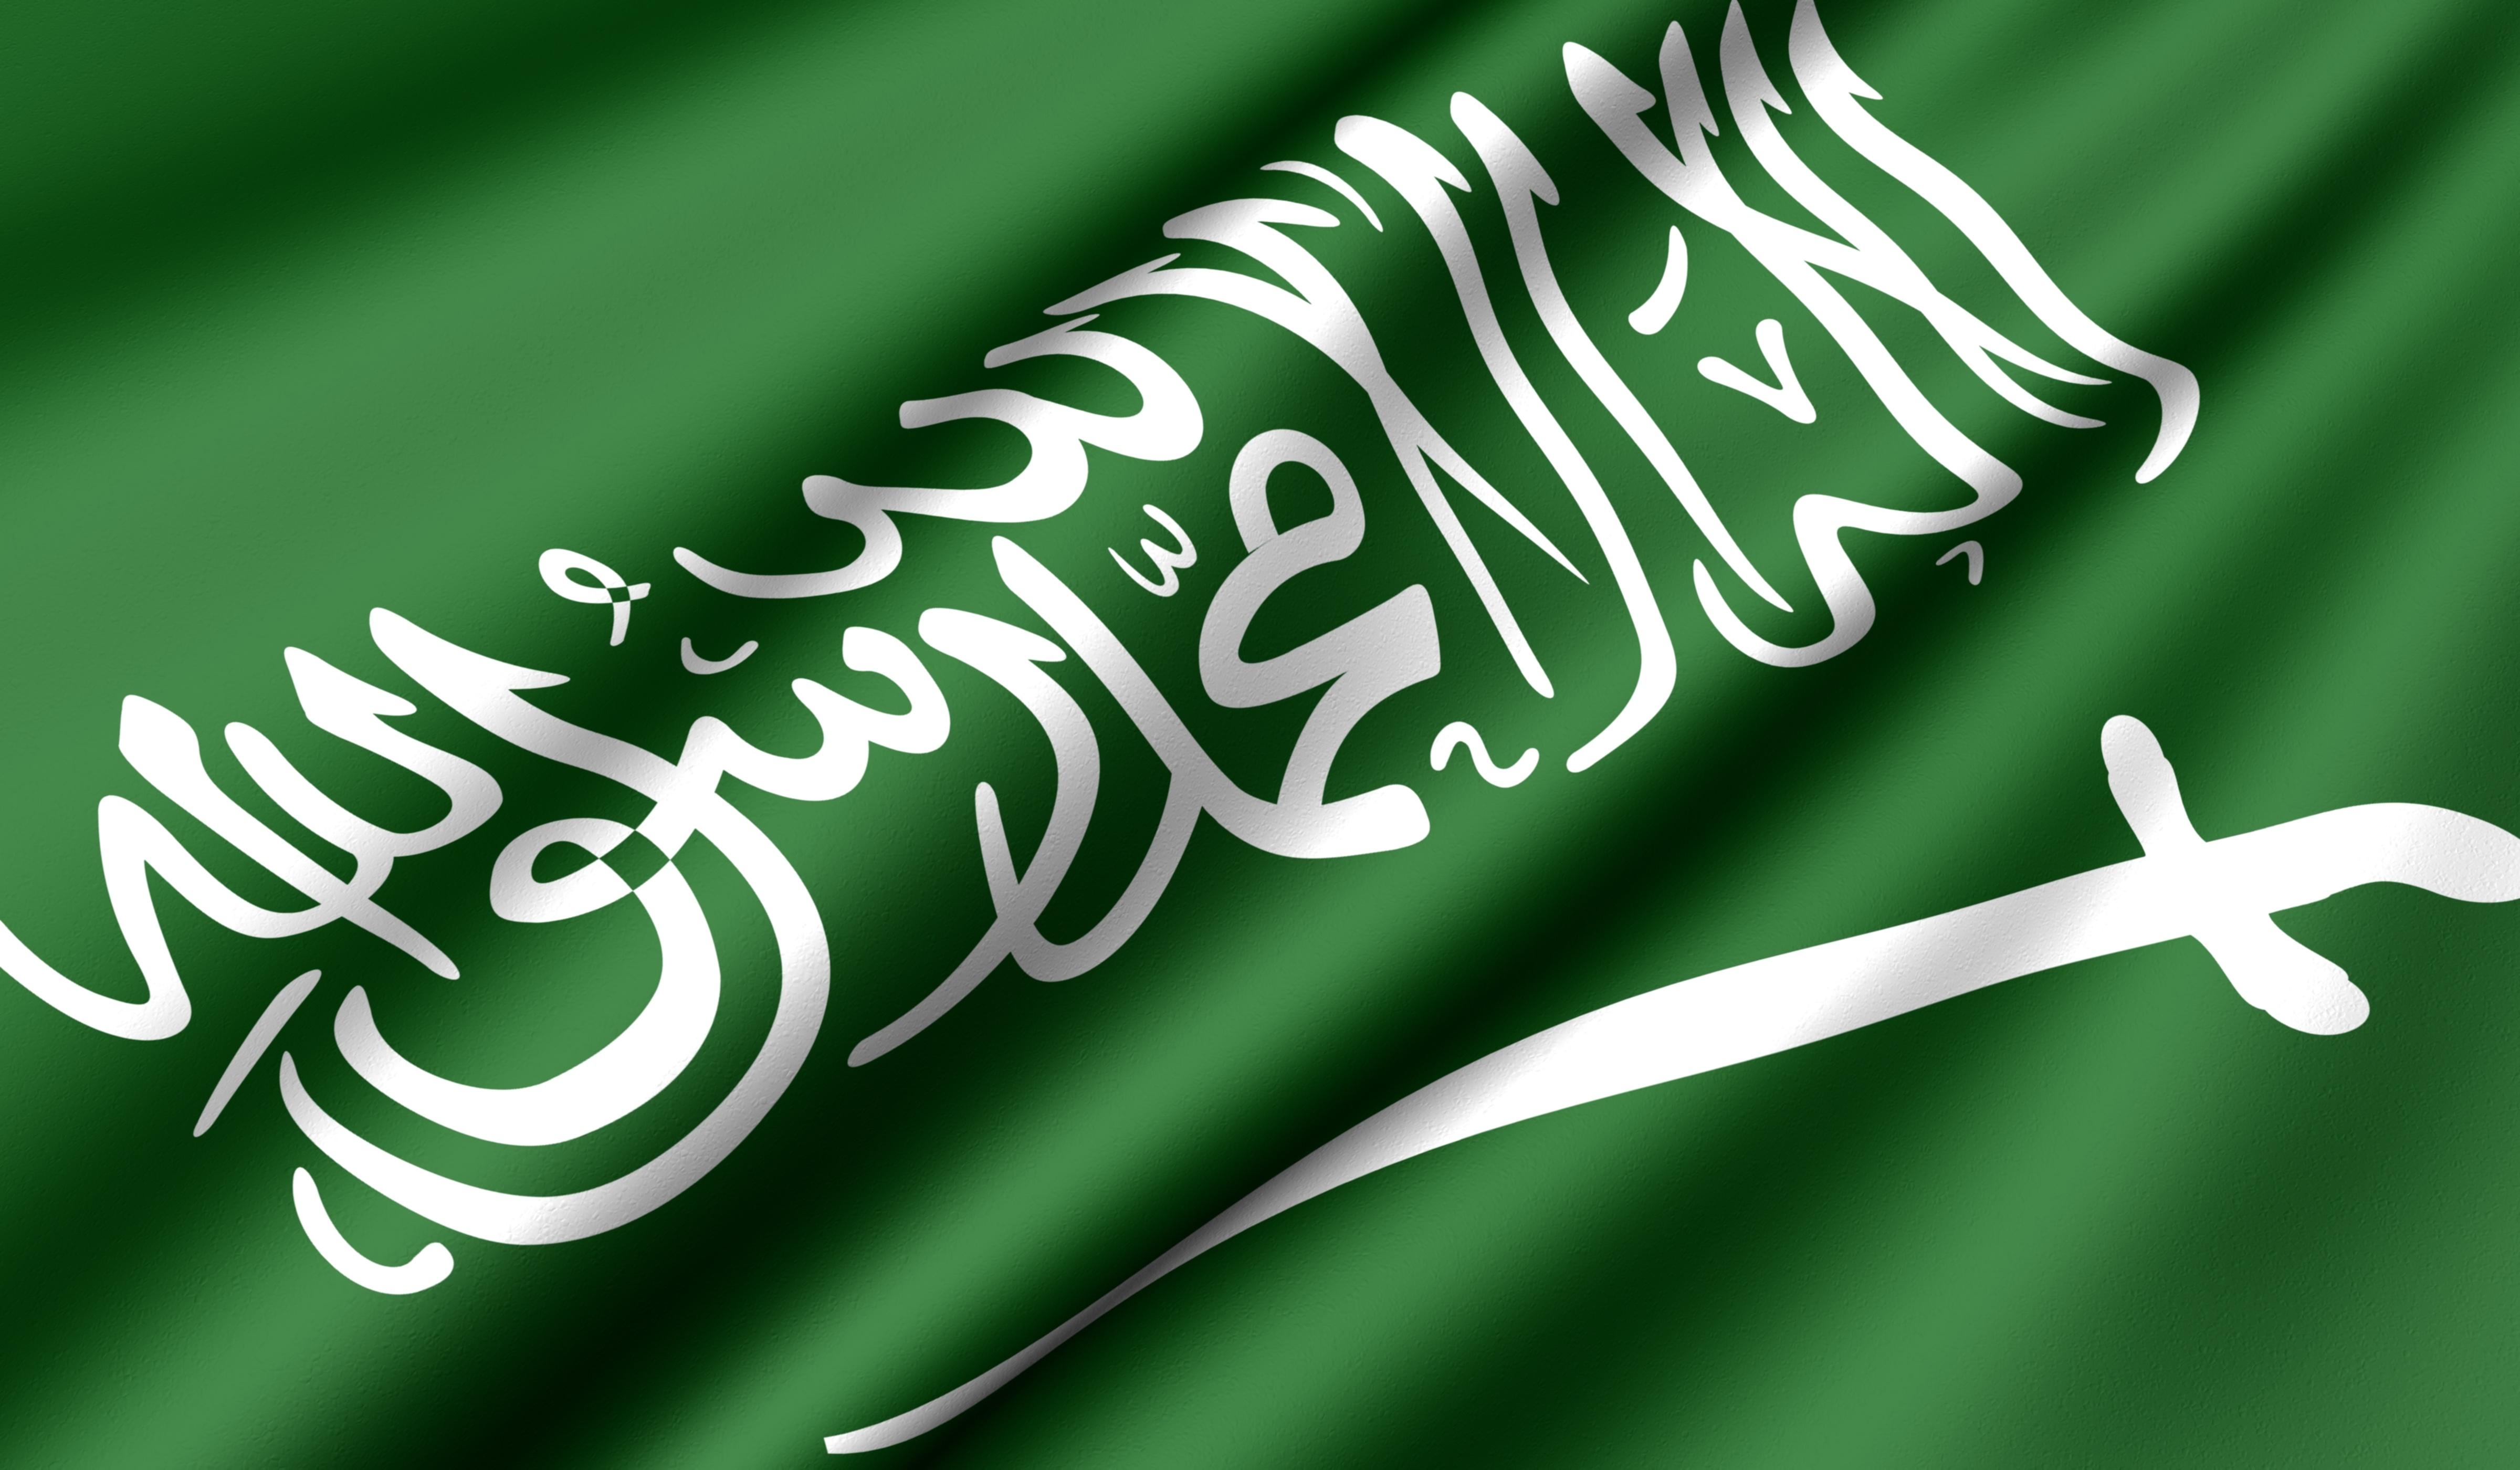 السعودية تتسلم رد قطر الرسمي على مطالب الدول المحاصرة - وكالة فلسطين اليوم